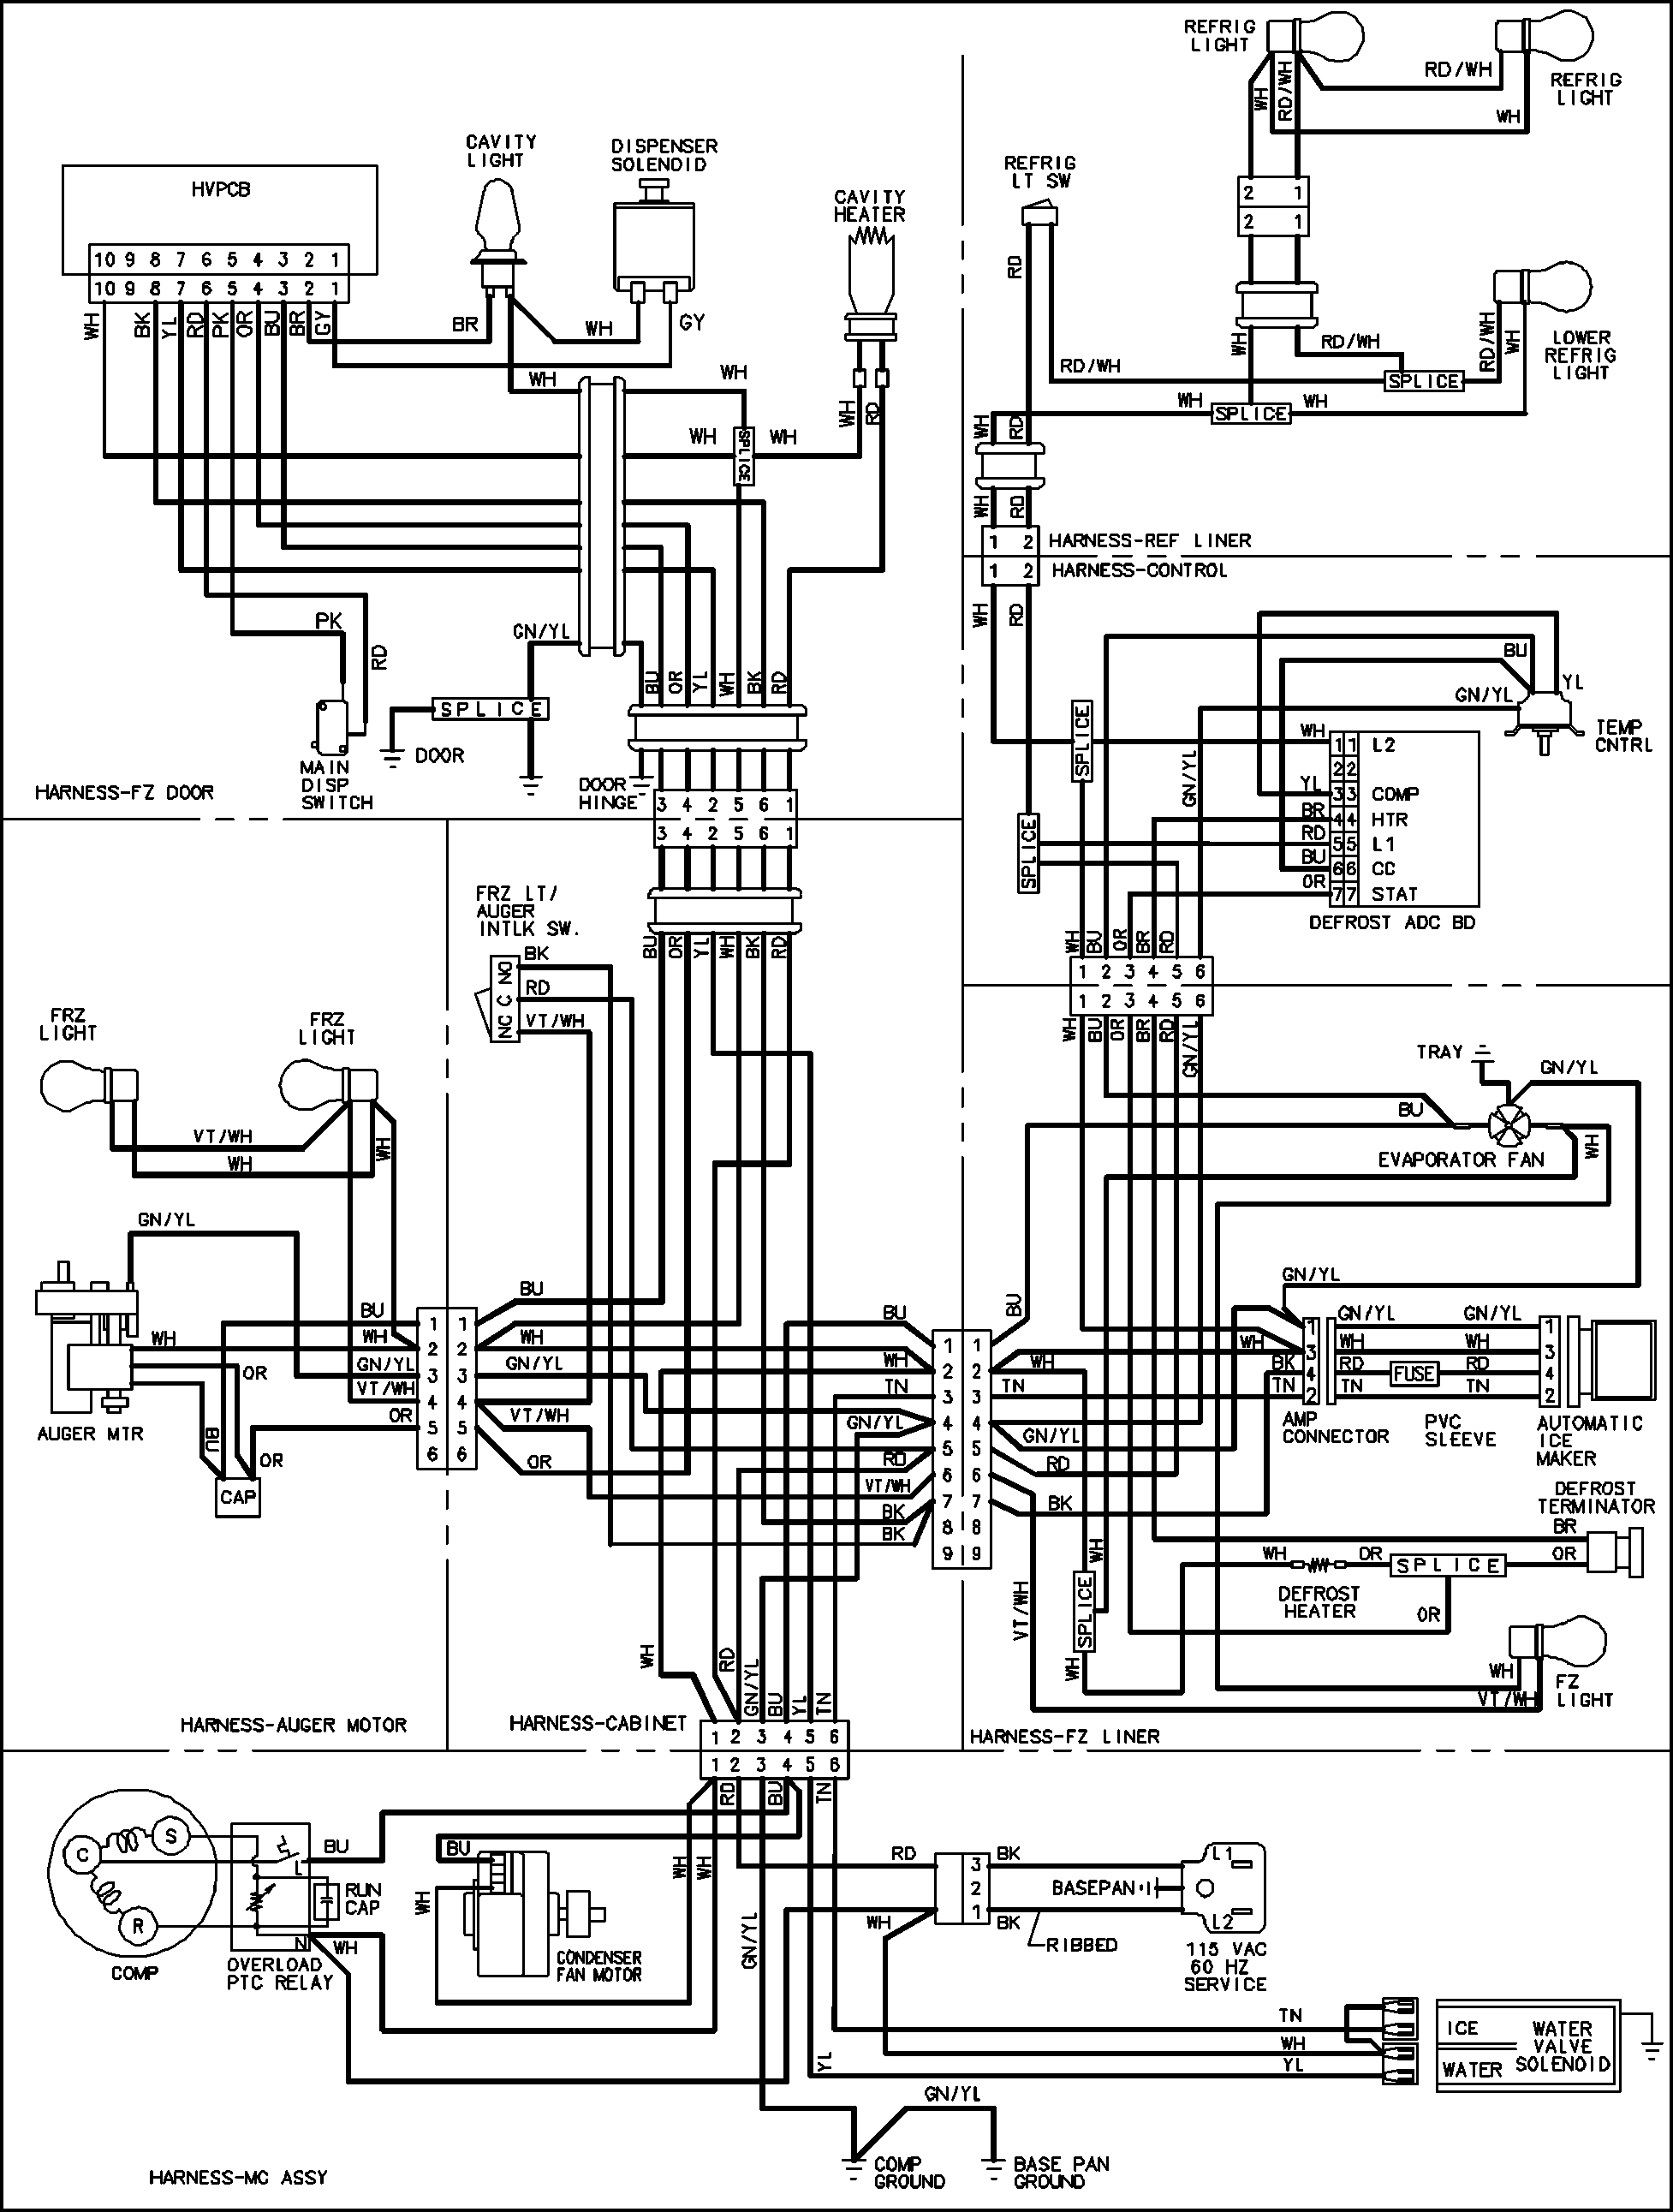 Kitchenaid Dishwasher Wiring Schematic - Powakaddy Wiring Diagram Legend -  schematics-source.yenpancane.jeanjaures37.frWiring Diagram Resource